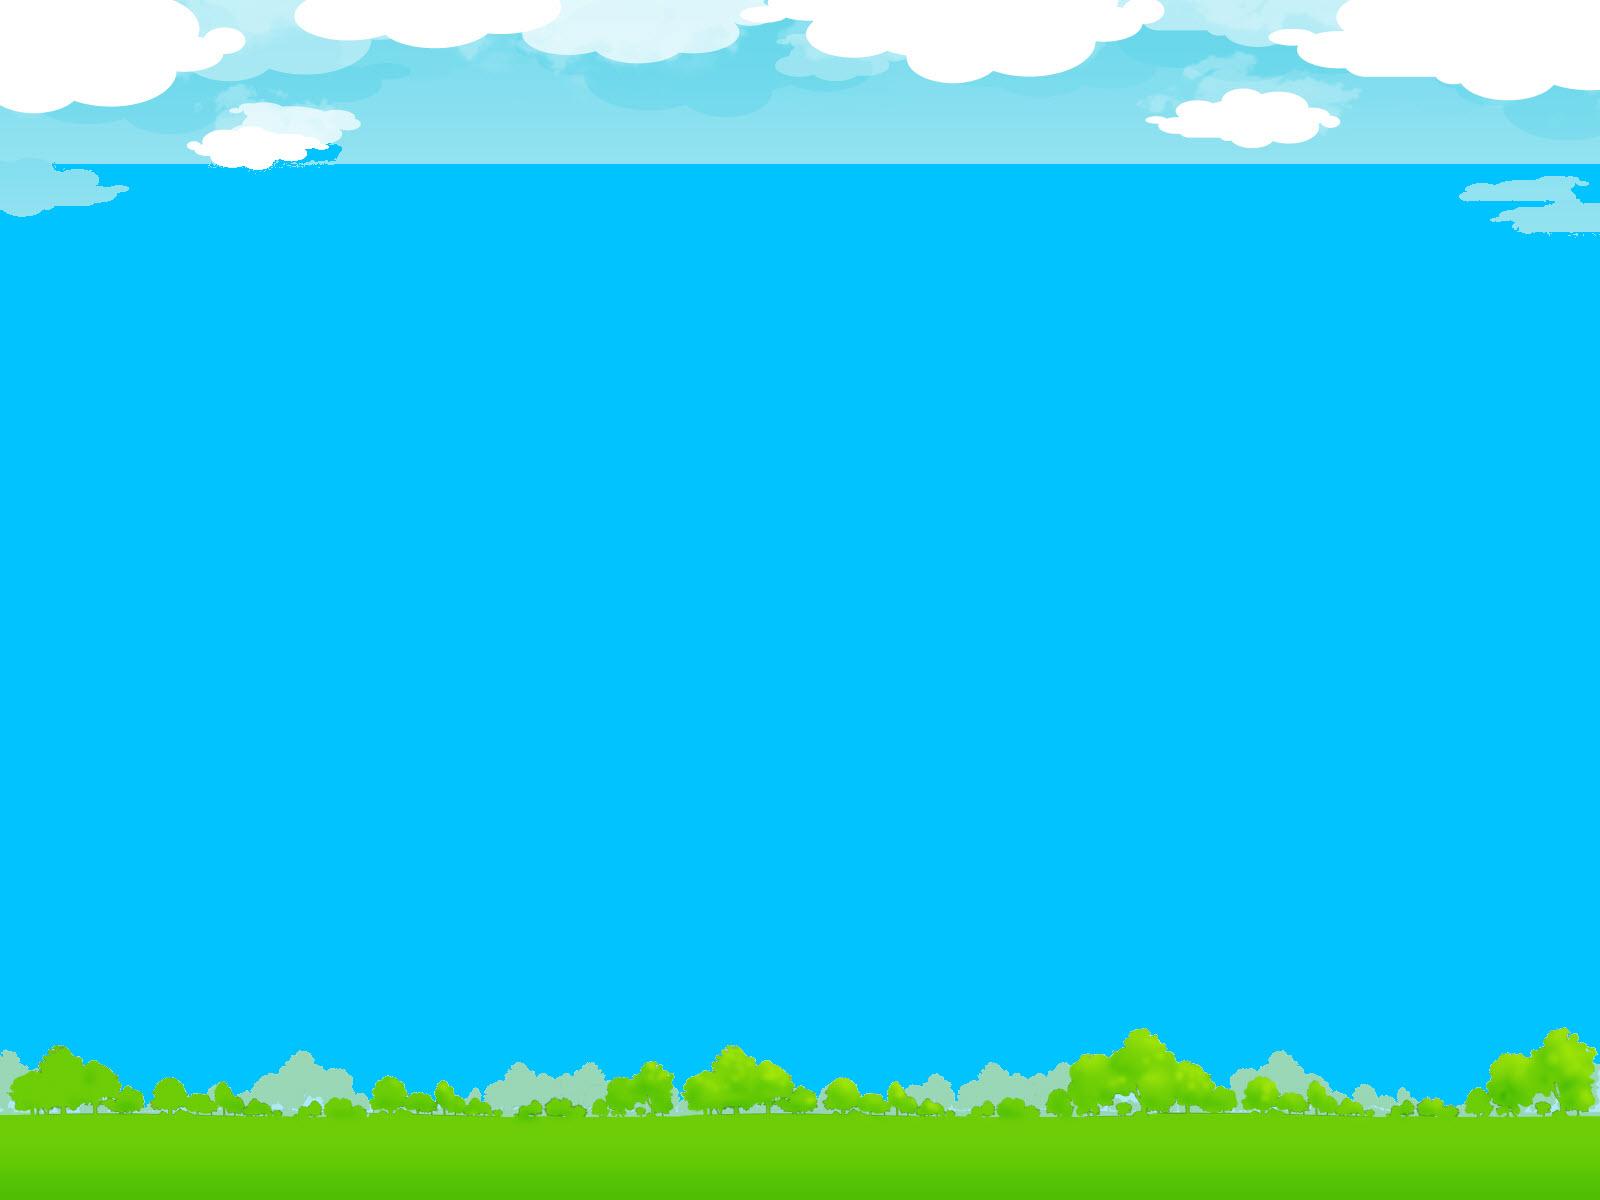 Nền powerpoint màu xanh dương cực đẹp